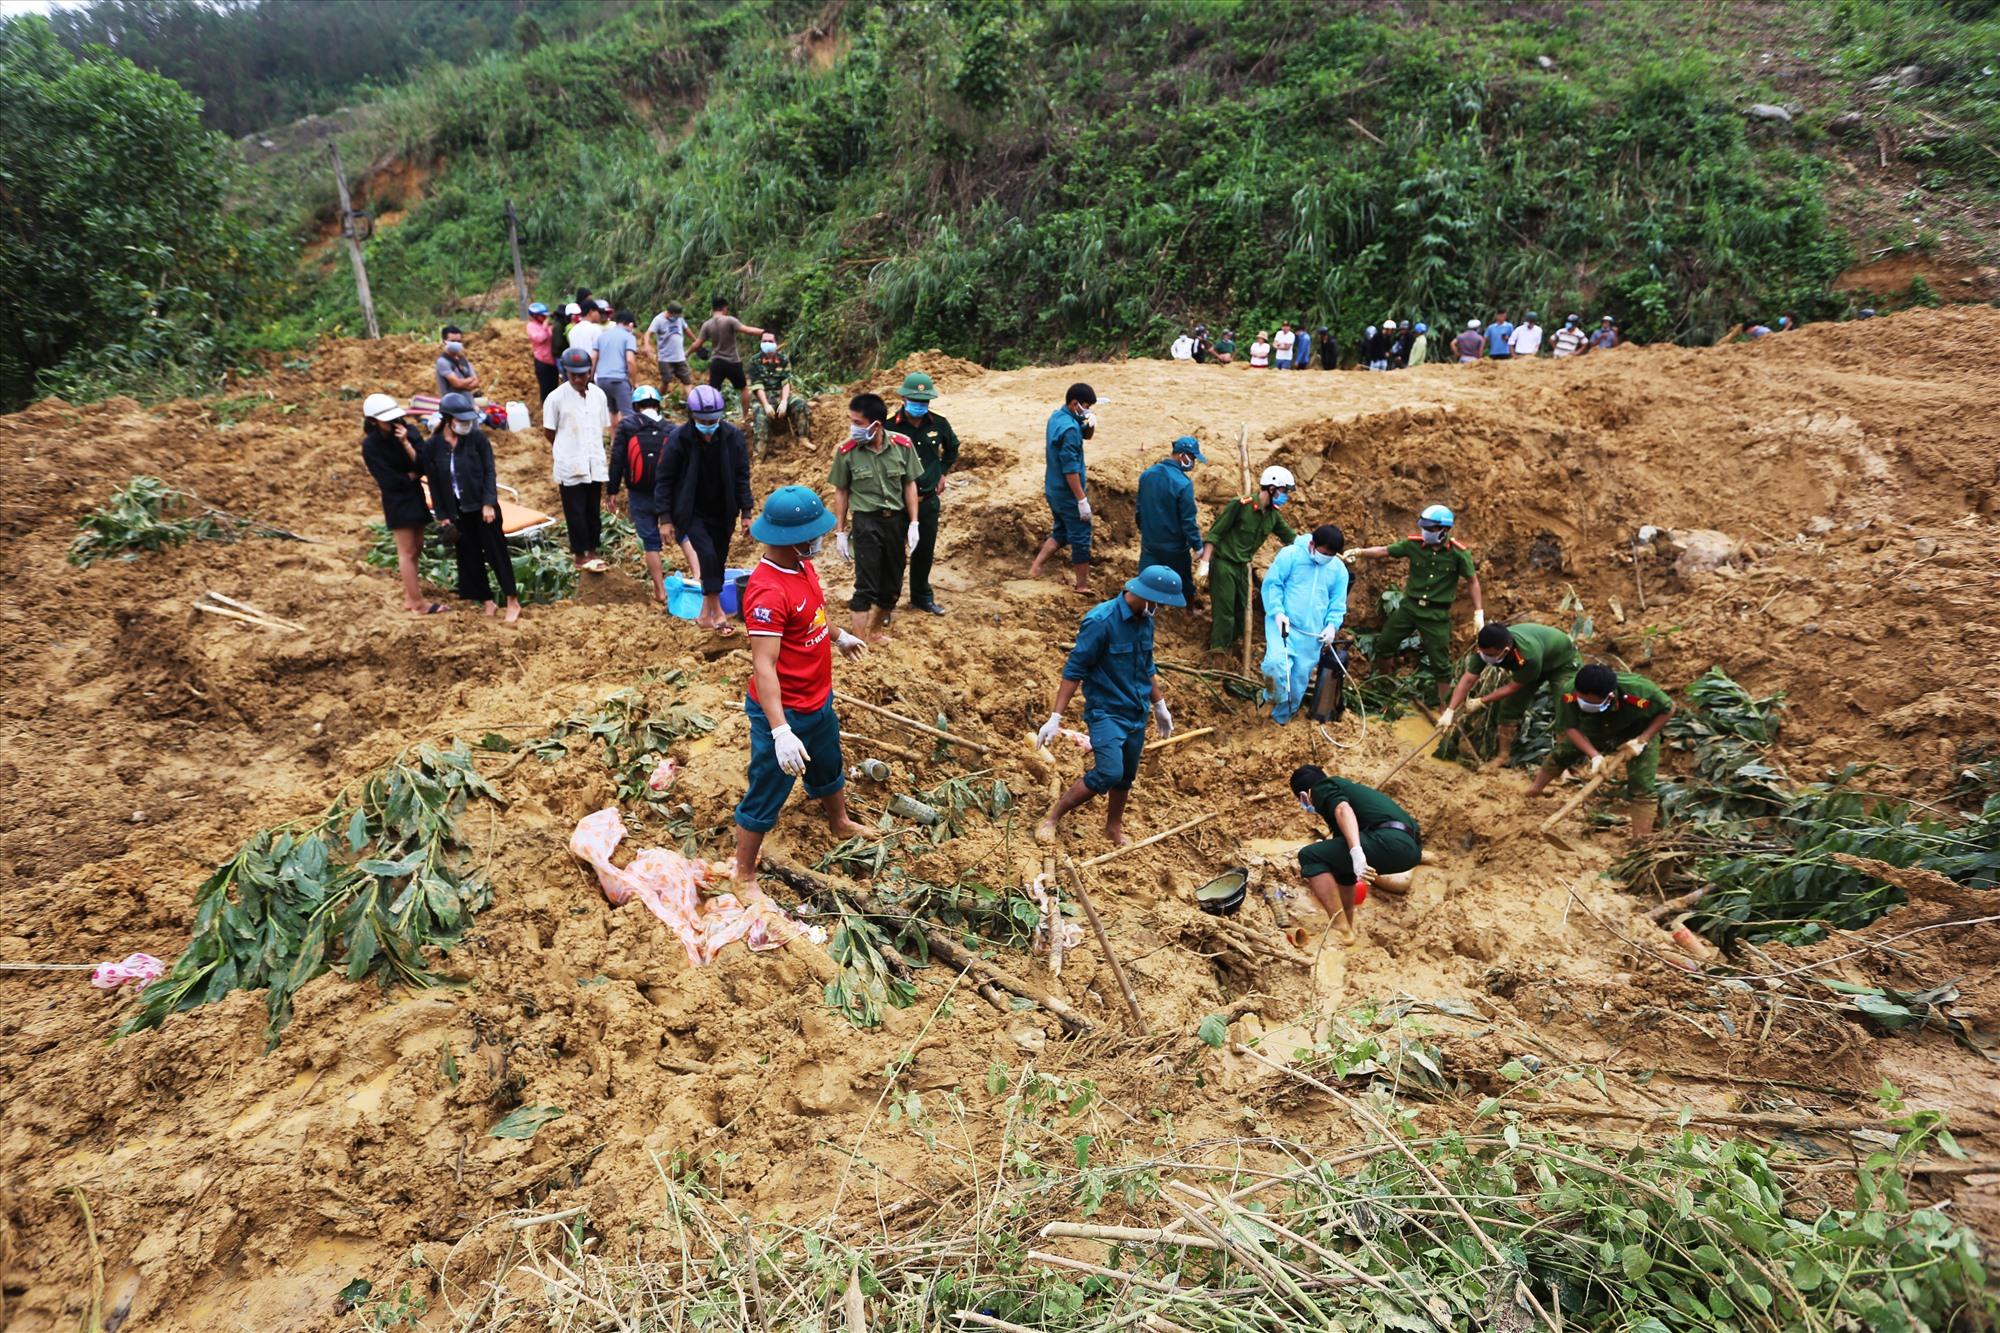 Trước đó chiều 11/11, đoạn qua xã Trà Tân, huyện Bắc Trà My, sạt lở vùi lấp một người. Năm ngày sau, cơ quan chức năng đào bới hơn 60.000 m3 đất đá, tìm thấy thi thể nạn nhân bị vùi lấp 2m, cách vị trí gặp nạn 30 m.